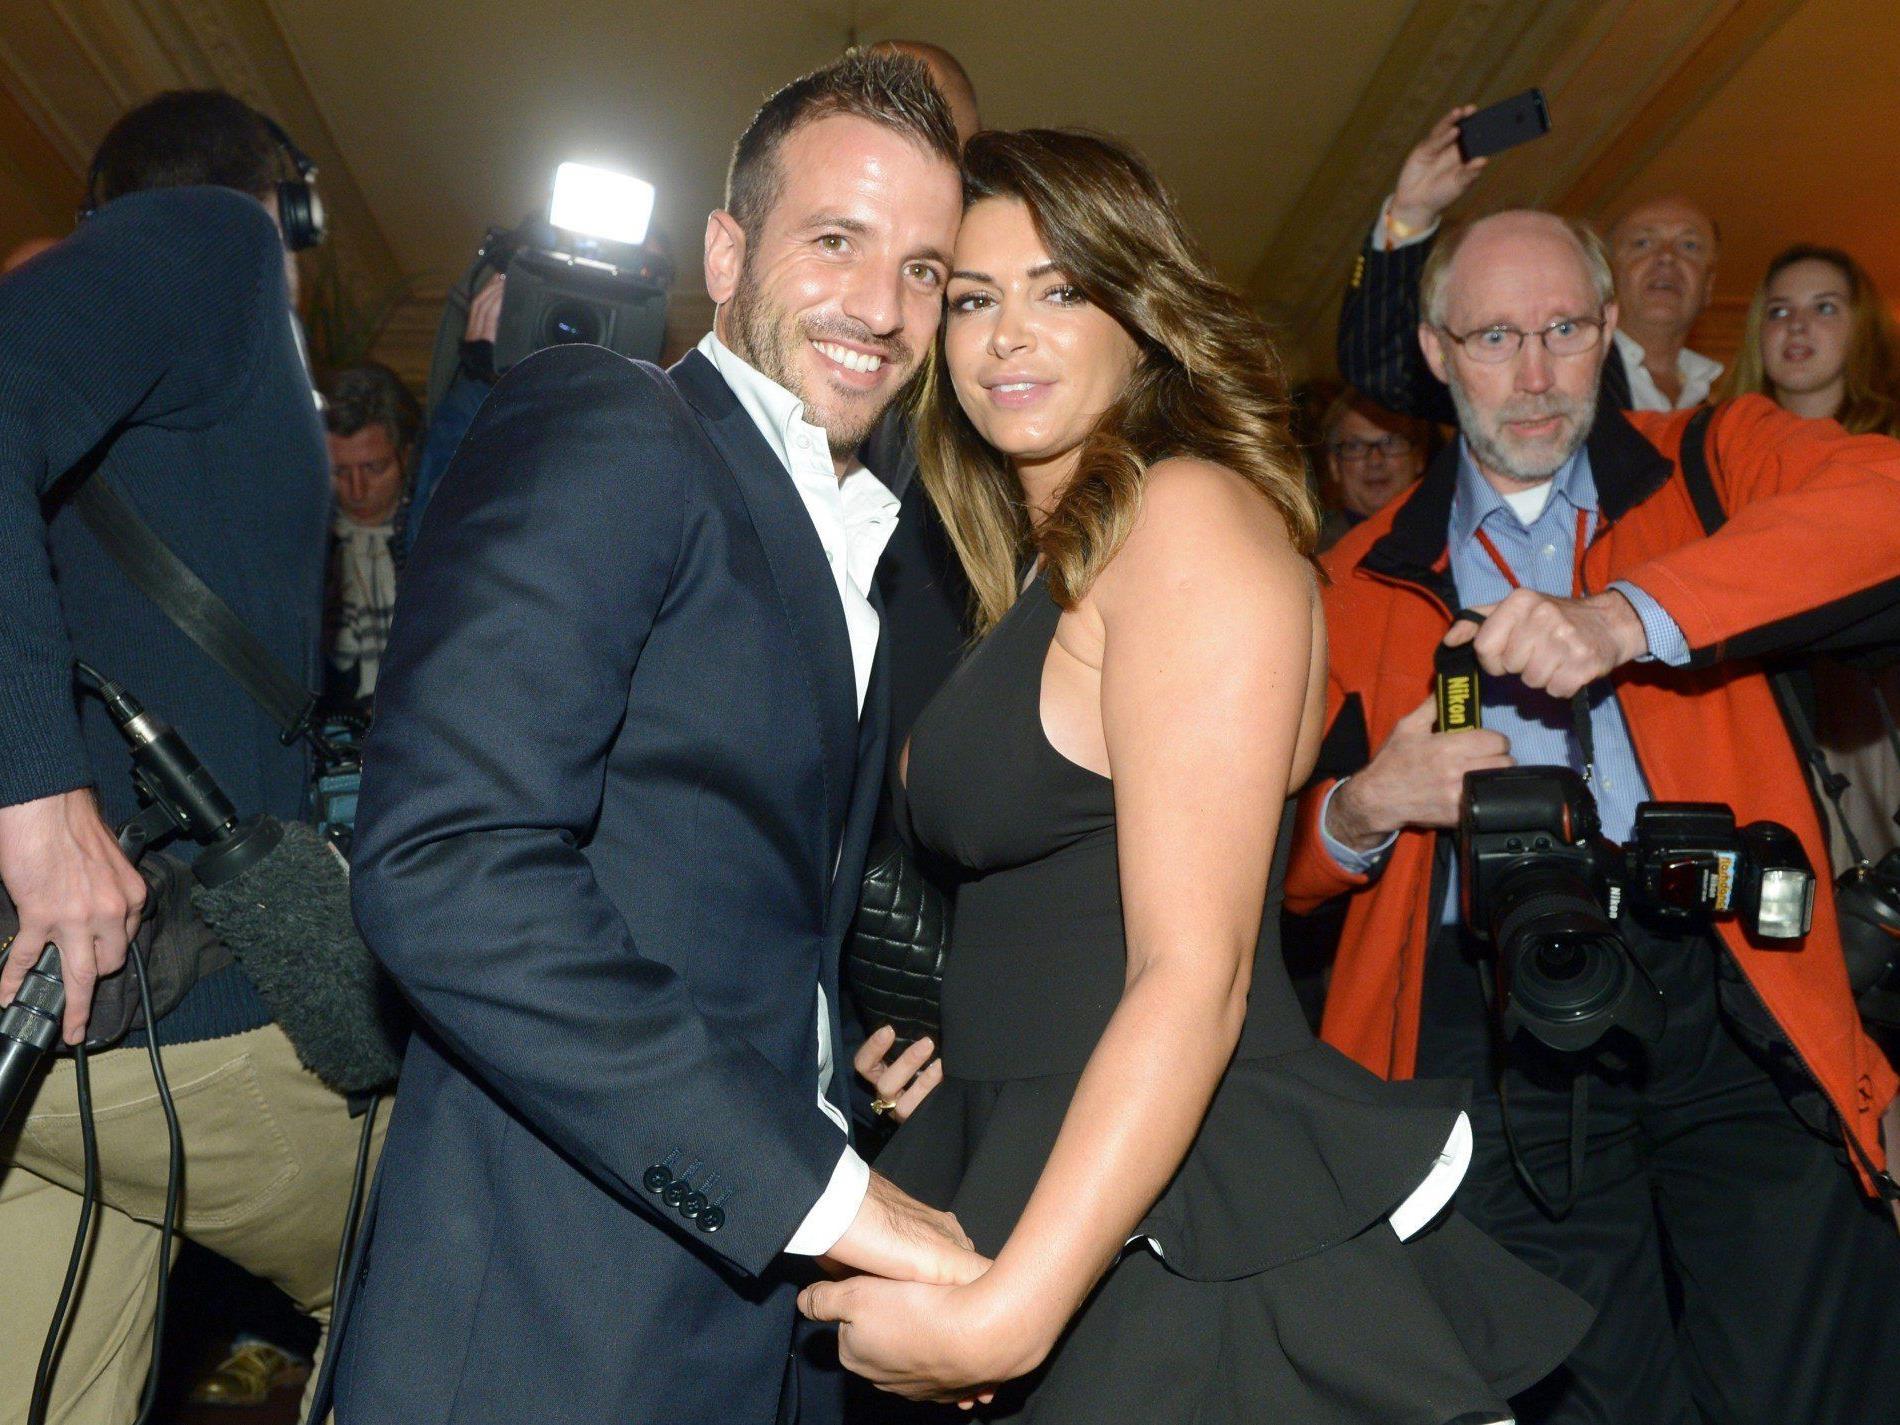 Rafael Van der Vaart und Sabia Boulahrouz erwarten Medienberichten zufolge ihr erstes gemeinsames Kind.